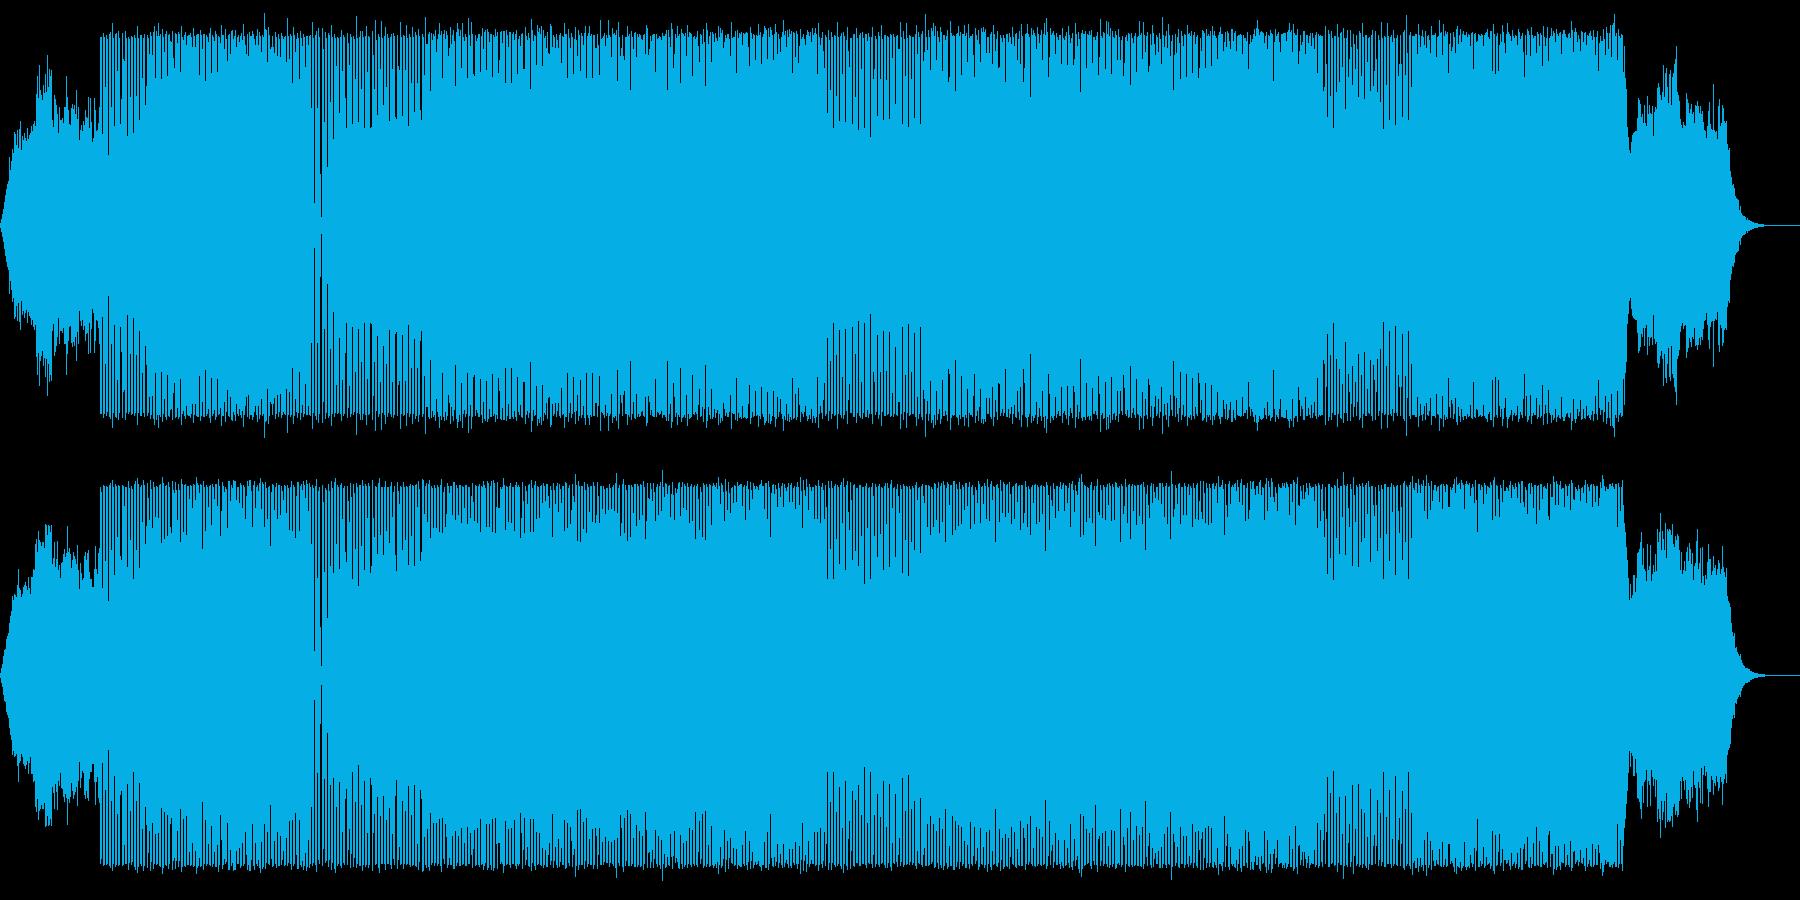 存在感有る低音、BGMに使いやすい中音域の再生済みの波形